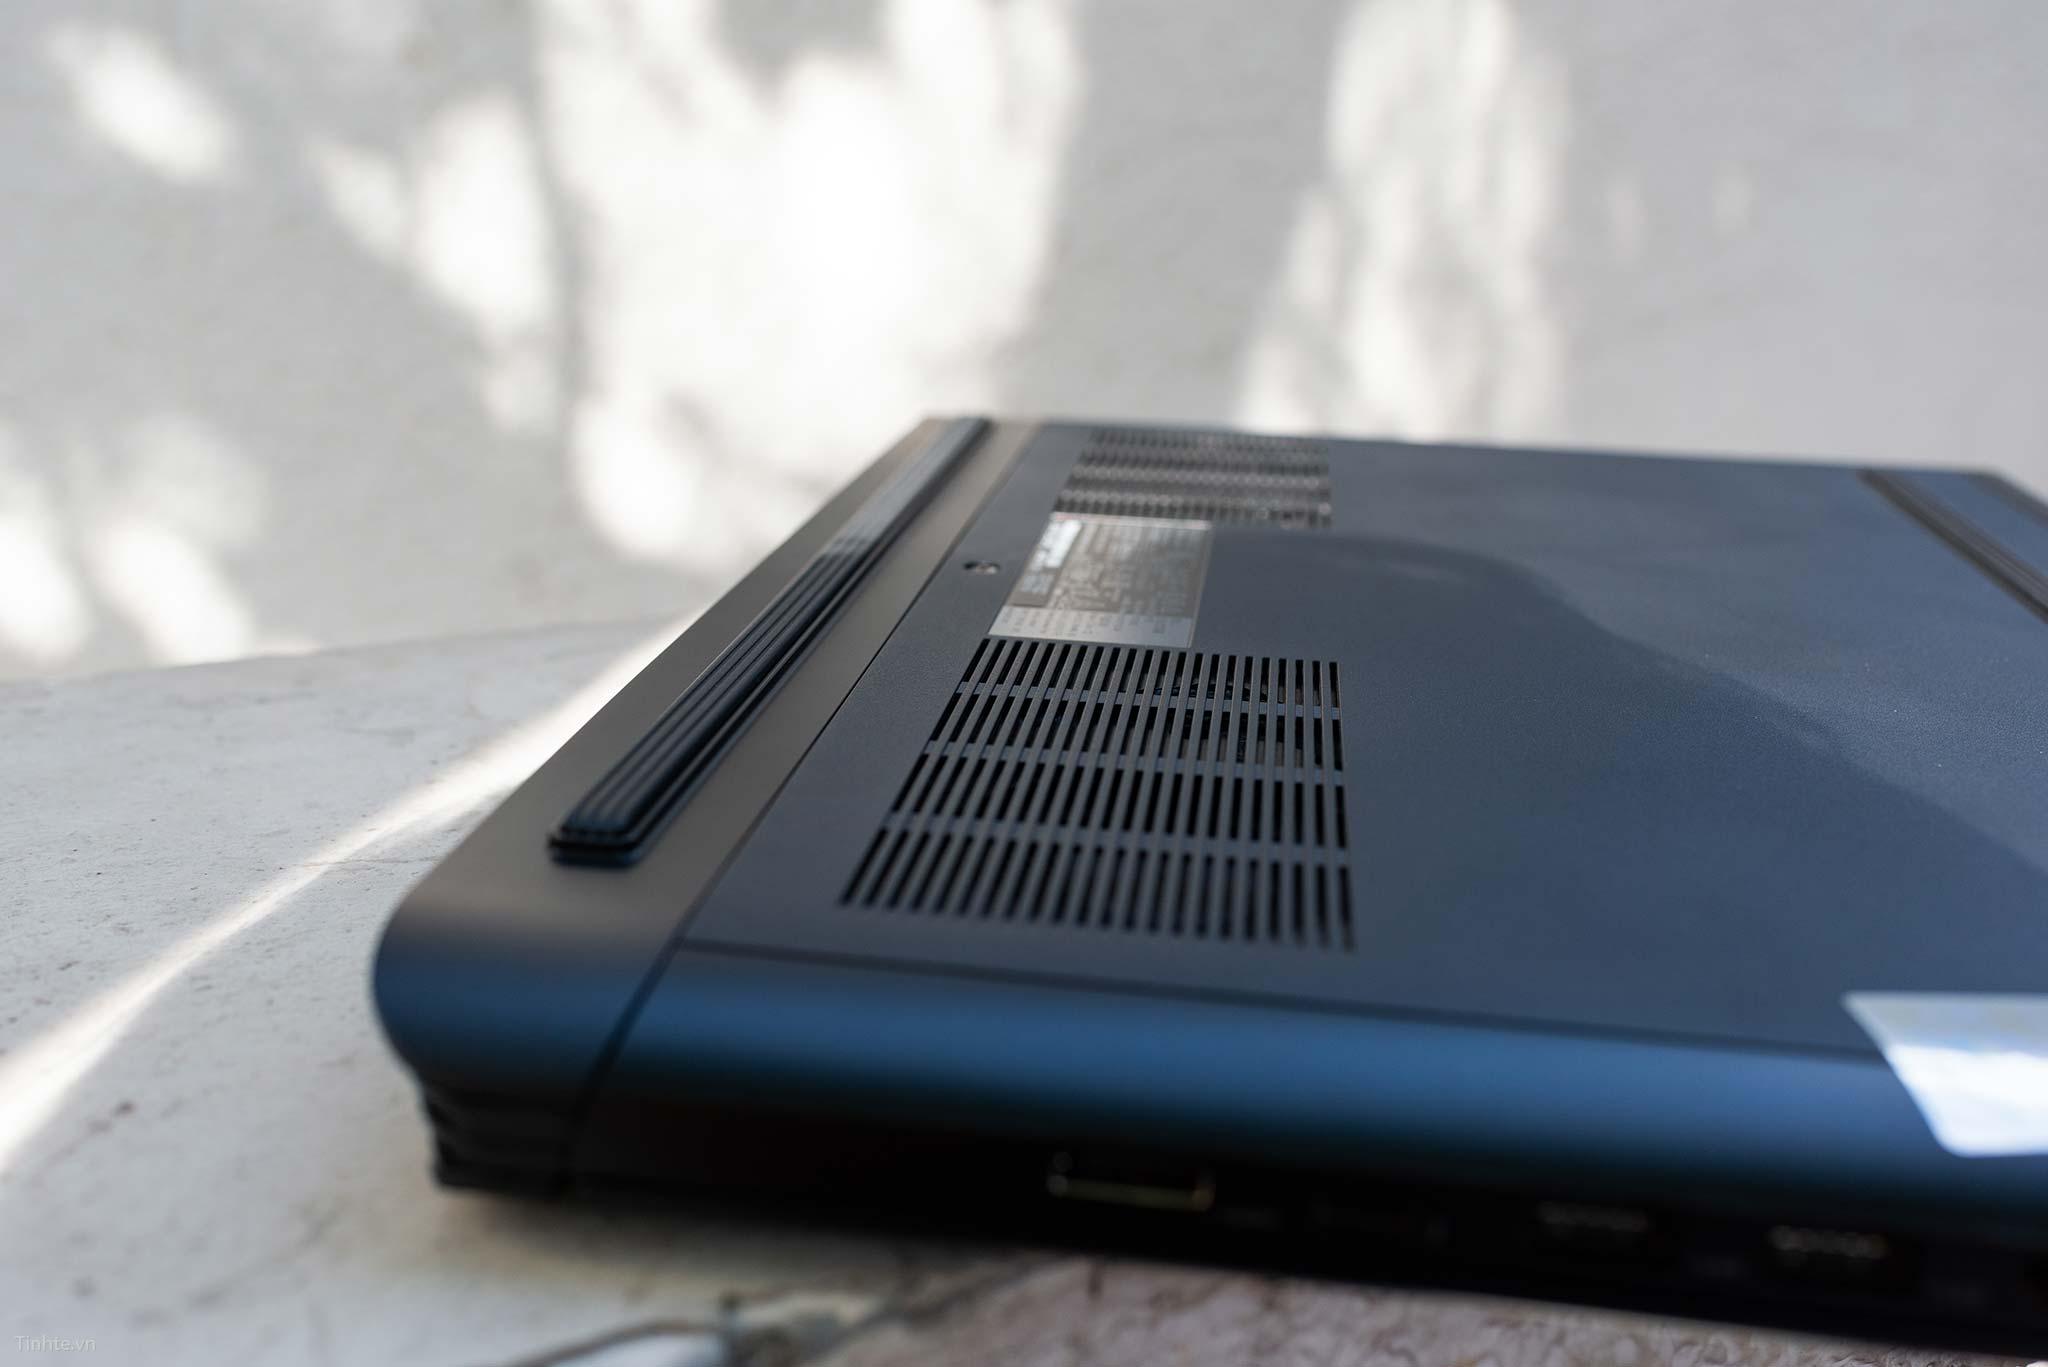 Dell G7 15_4.jpg